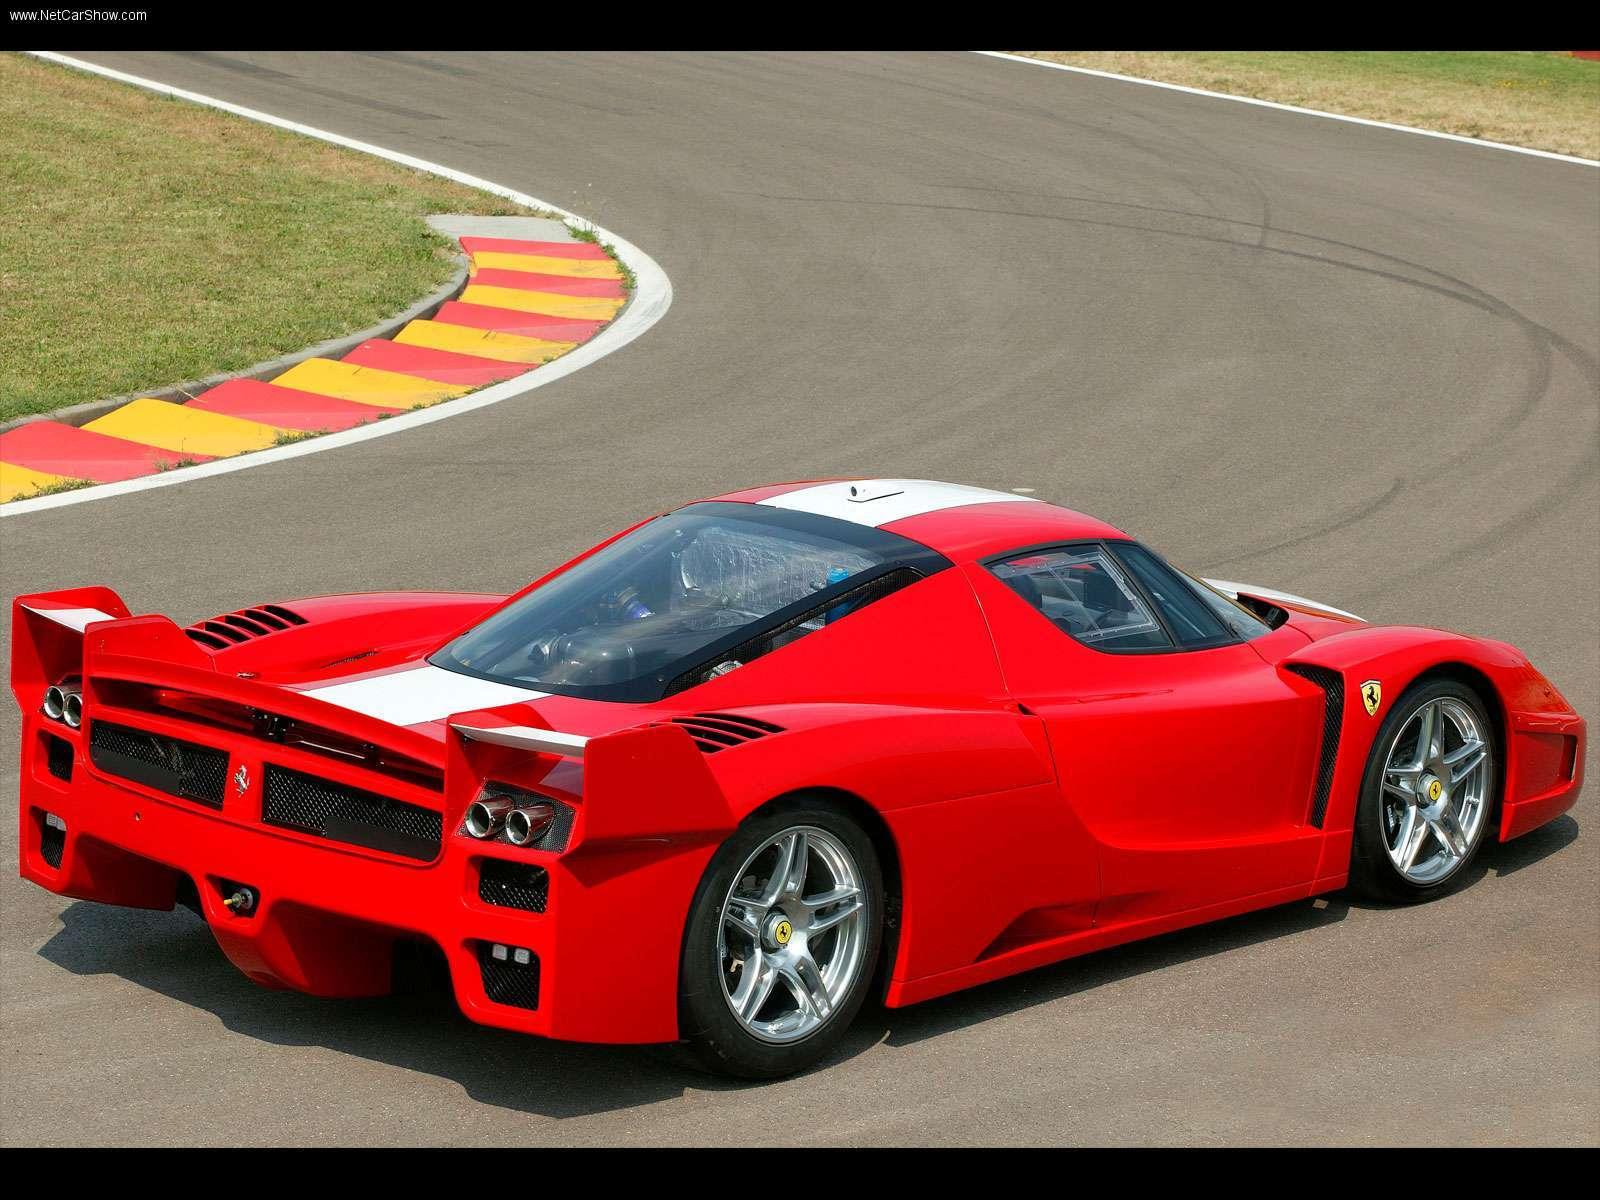 Hình ảnh siêu xe Ferrari FXX 2005 & nội ngoại thất